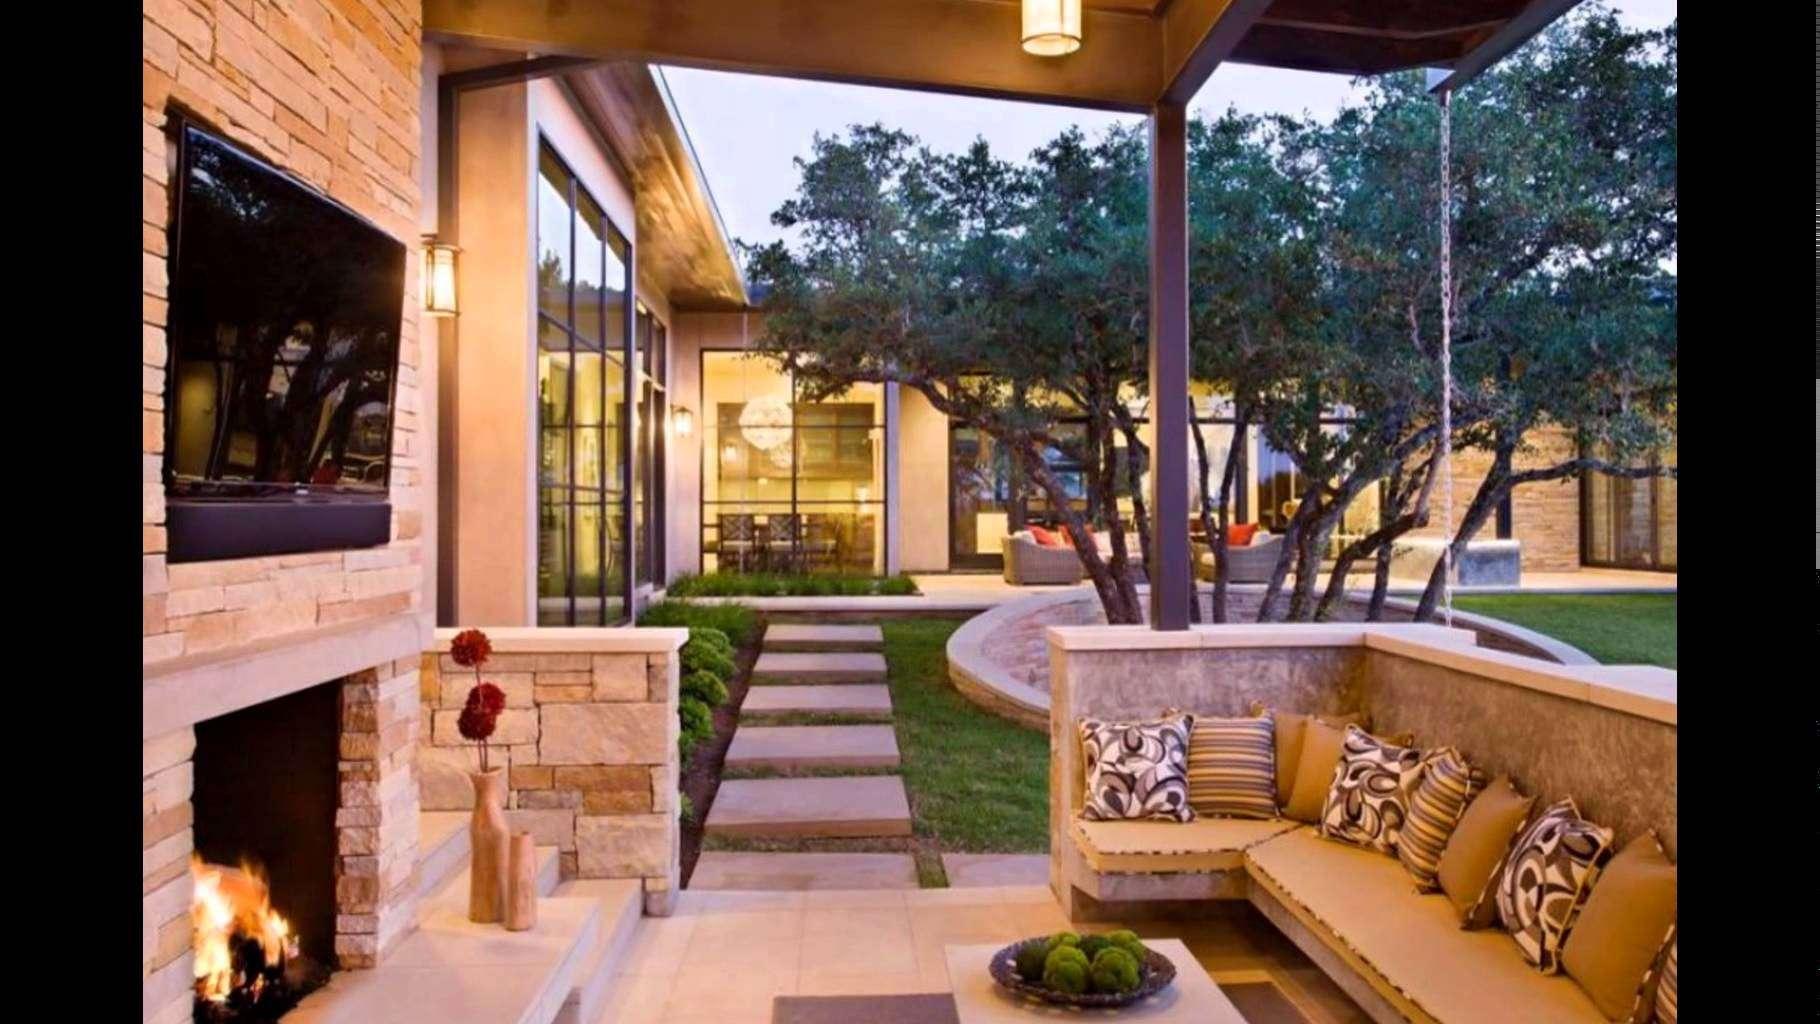 Cheap Outdoor Living Space Ideas Diy